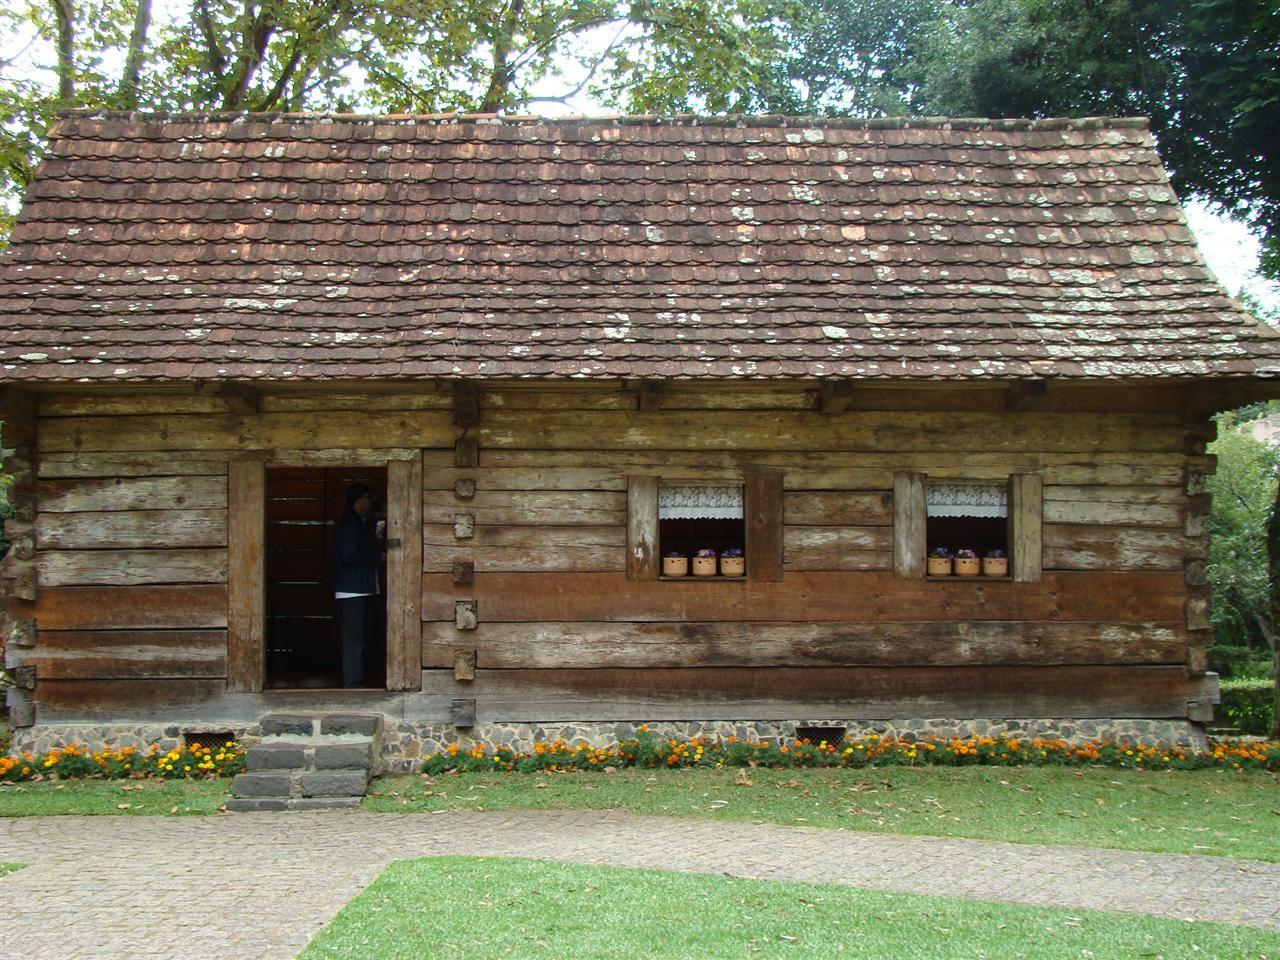 Casas de campo rusticas casas de campo pinterest - Casa rusticas de campo ...